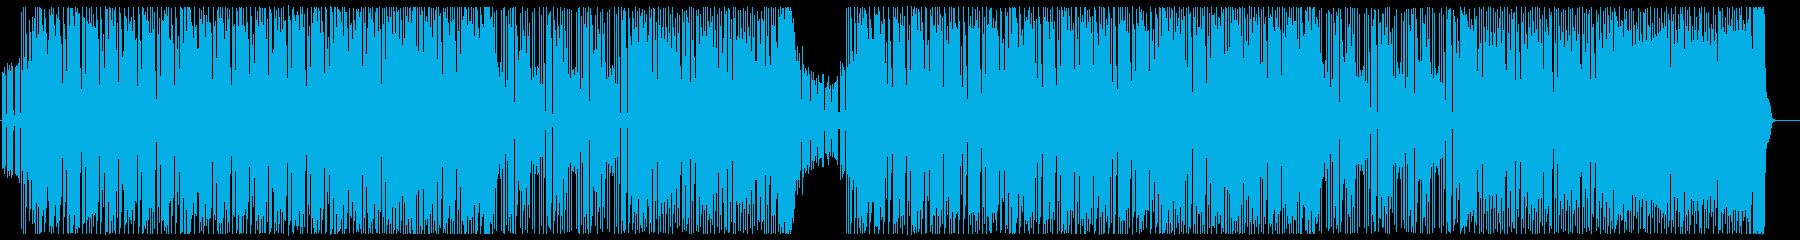 エネルギッシュなピアノダンスポップ声無しの再生済みの波形